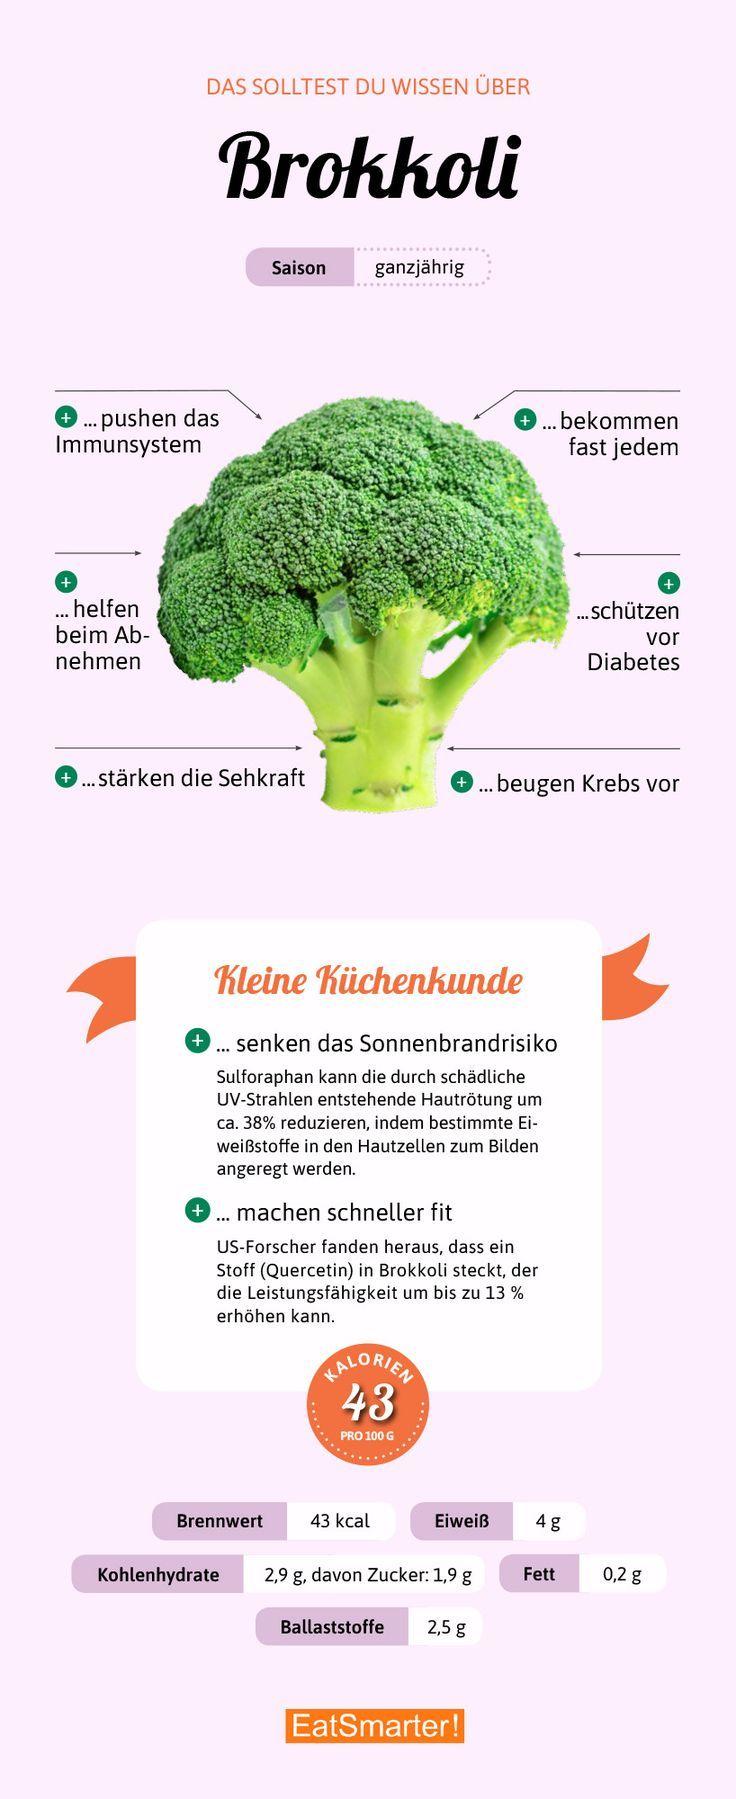 Alle wichtigen Informationen zusammengefasst. #infographic #healthy #food   – Lebensmittel Informationen